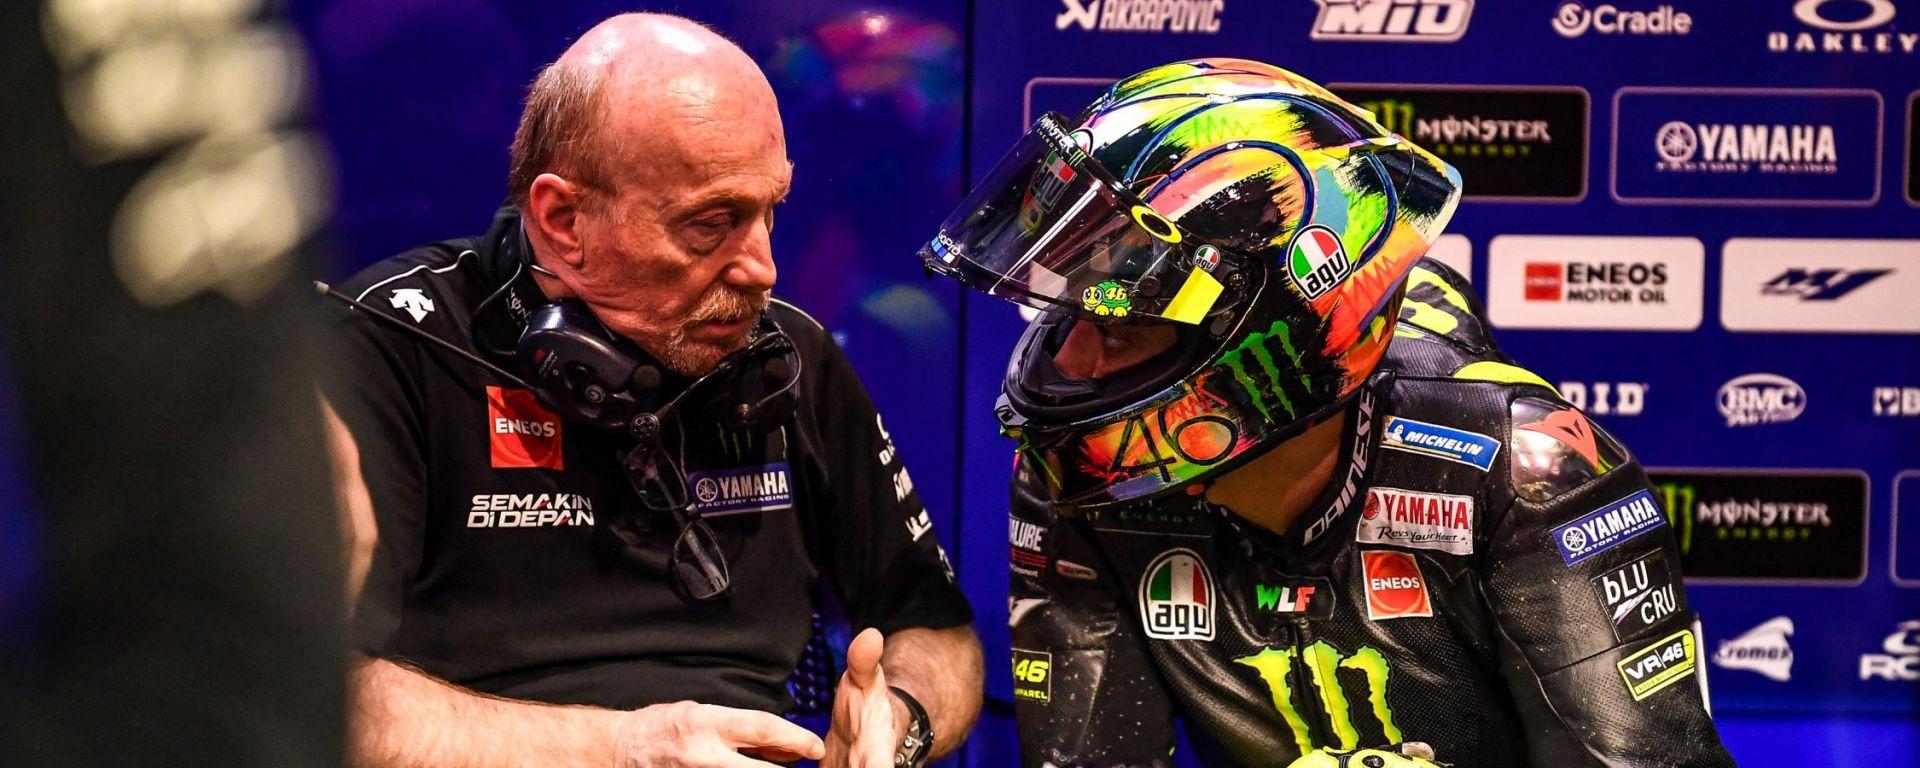 MotoGP 2019, Valentino Rossi a colloquio con il suo capotecnico Silvano Galbusera (Yamaha)